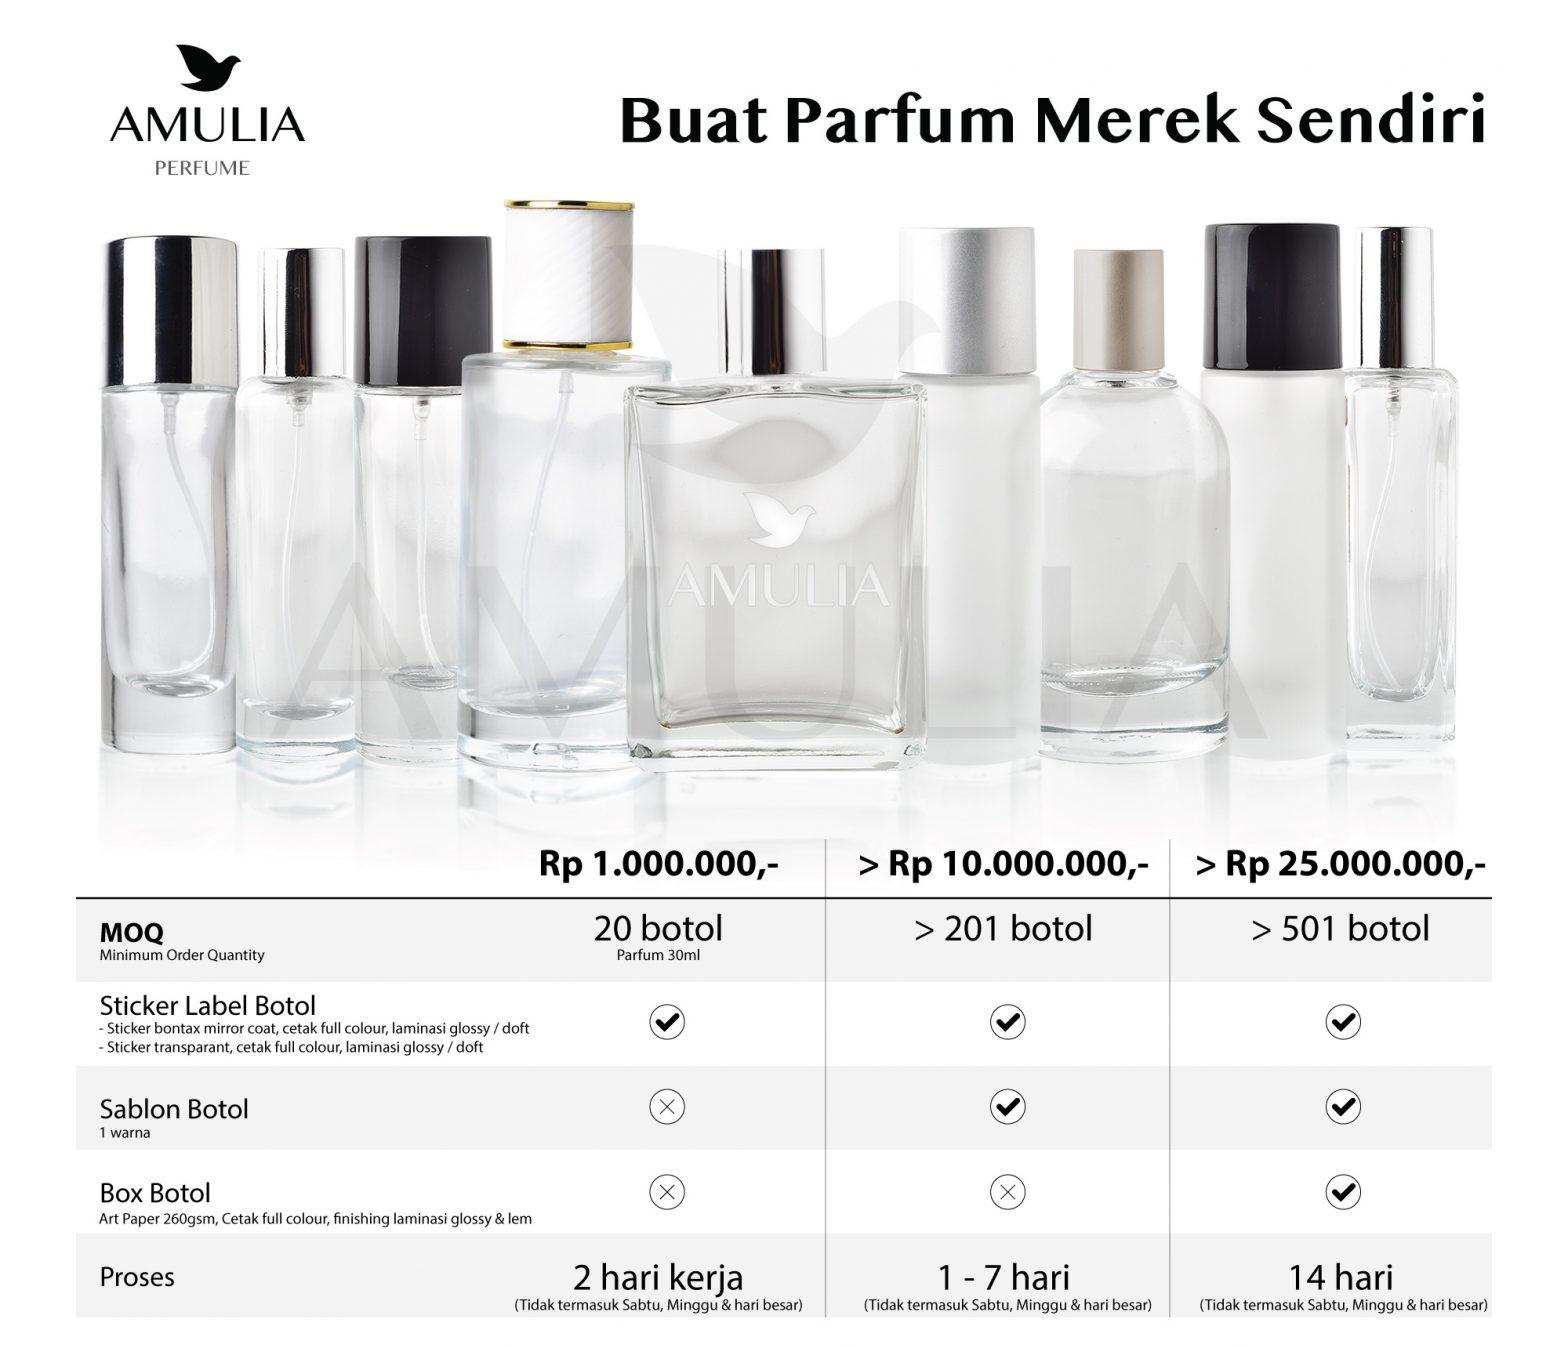 buat parfum merek sendiri